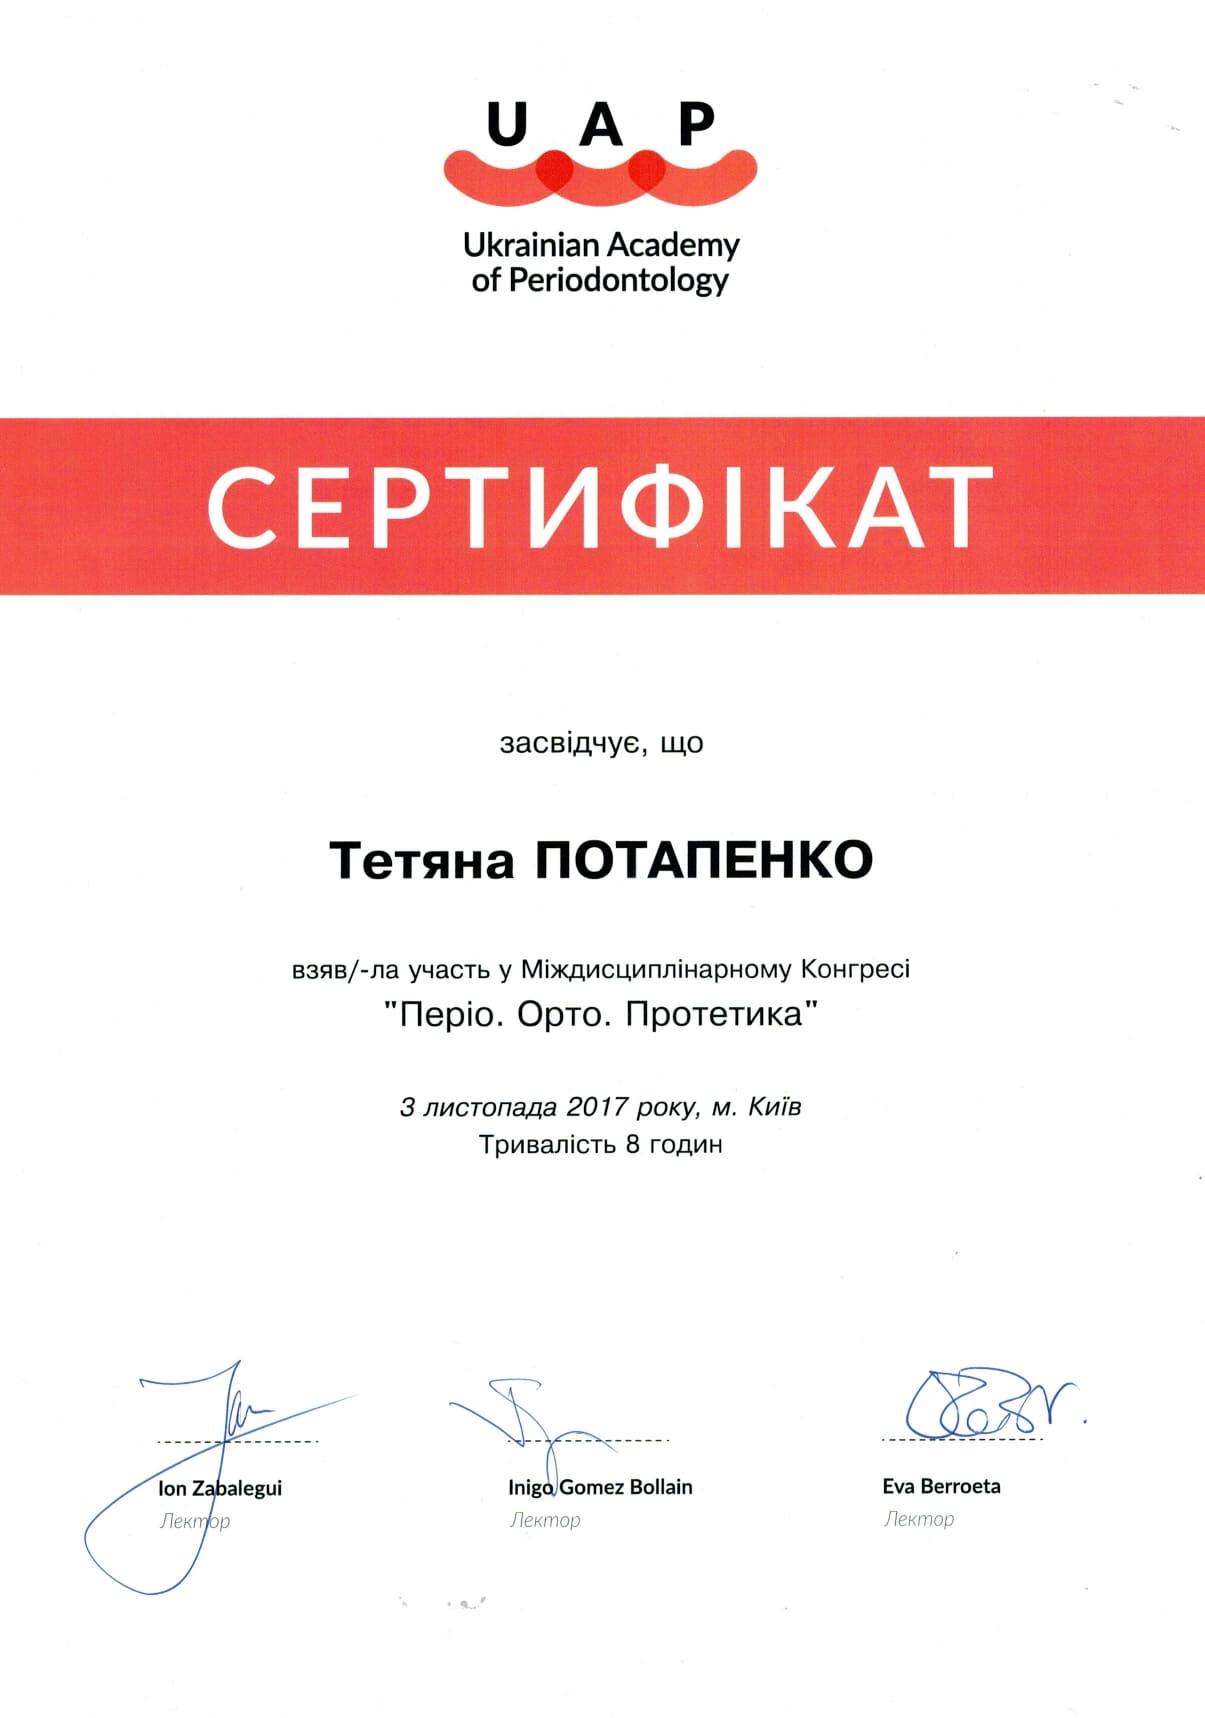 Сертификат подтверждающий участие Татьяны Потапенко в конгрессе - Орто. Періо. Протетика